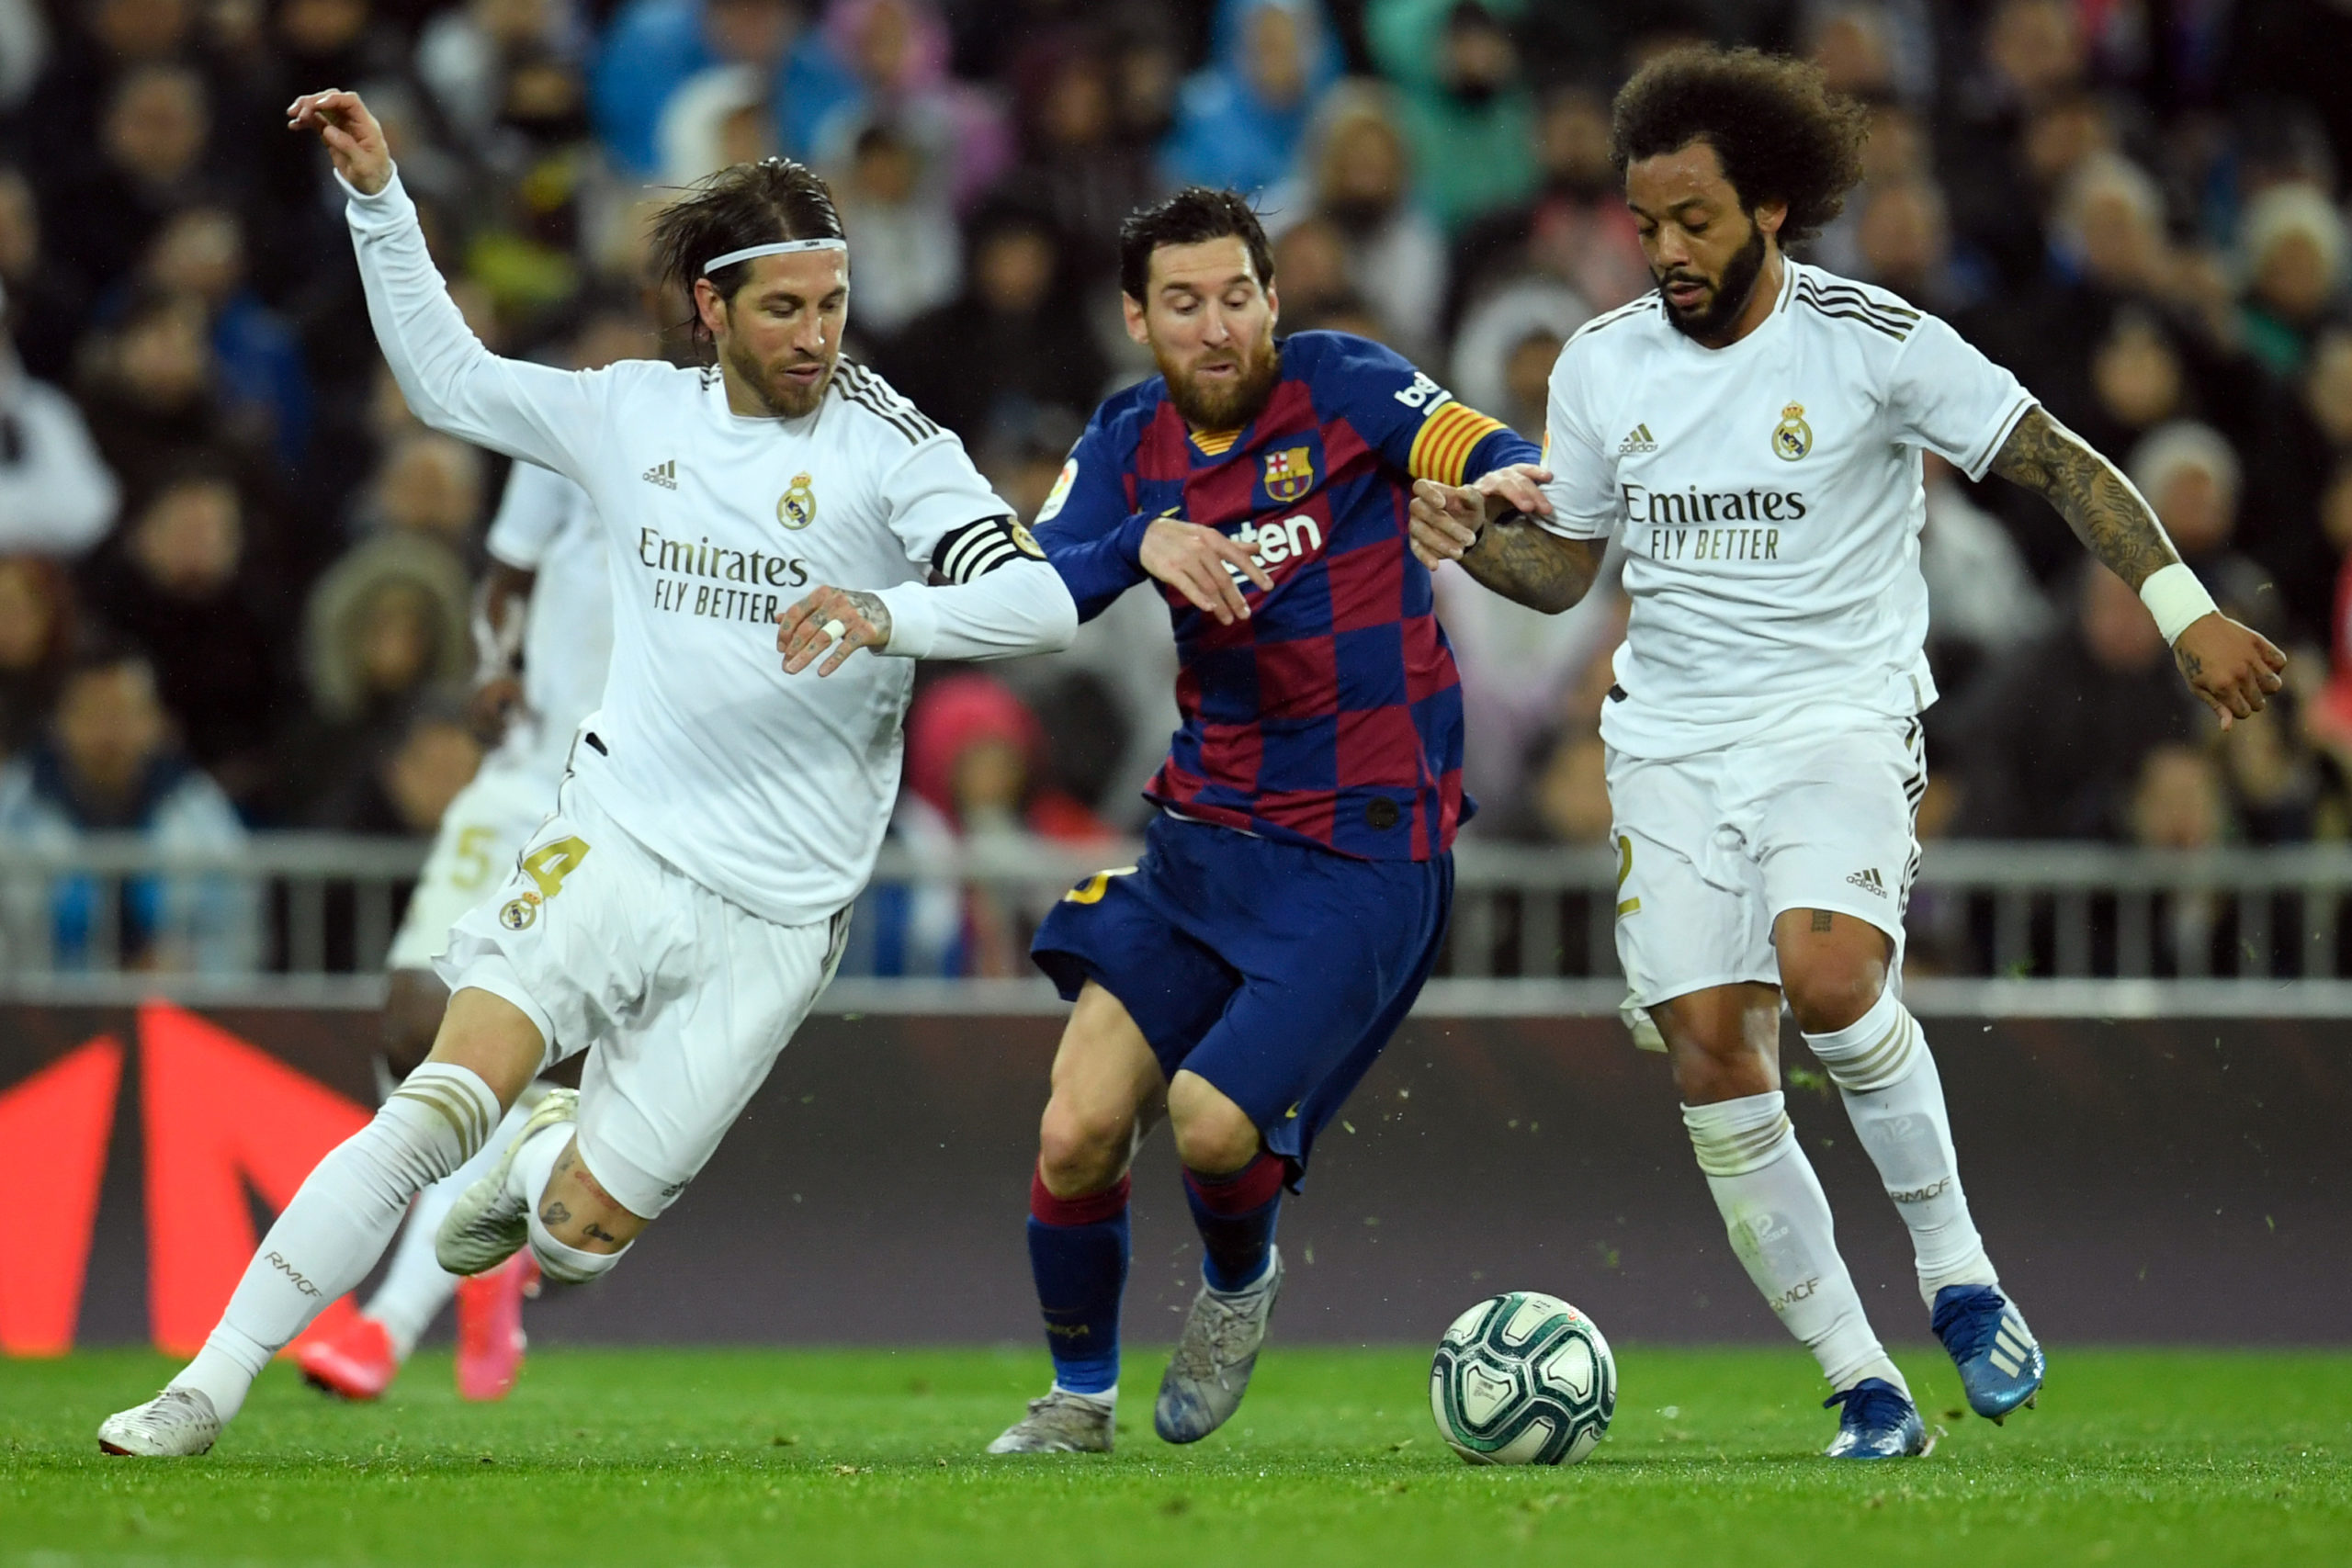 Óriási örömhírt kaptak a spanyol foci szerelmesei - Ripost